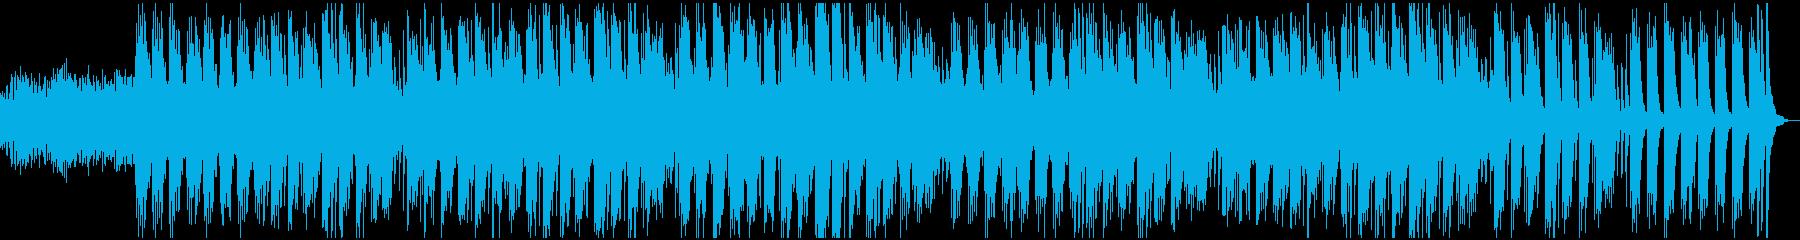 ヒーリング系 癒しのピアノサウンドの再生済みの波形